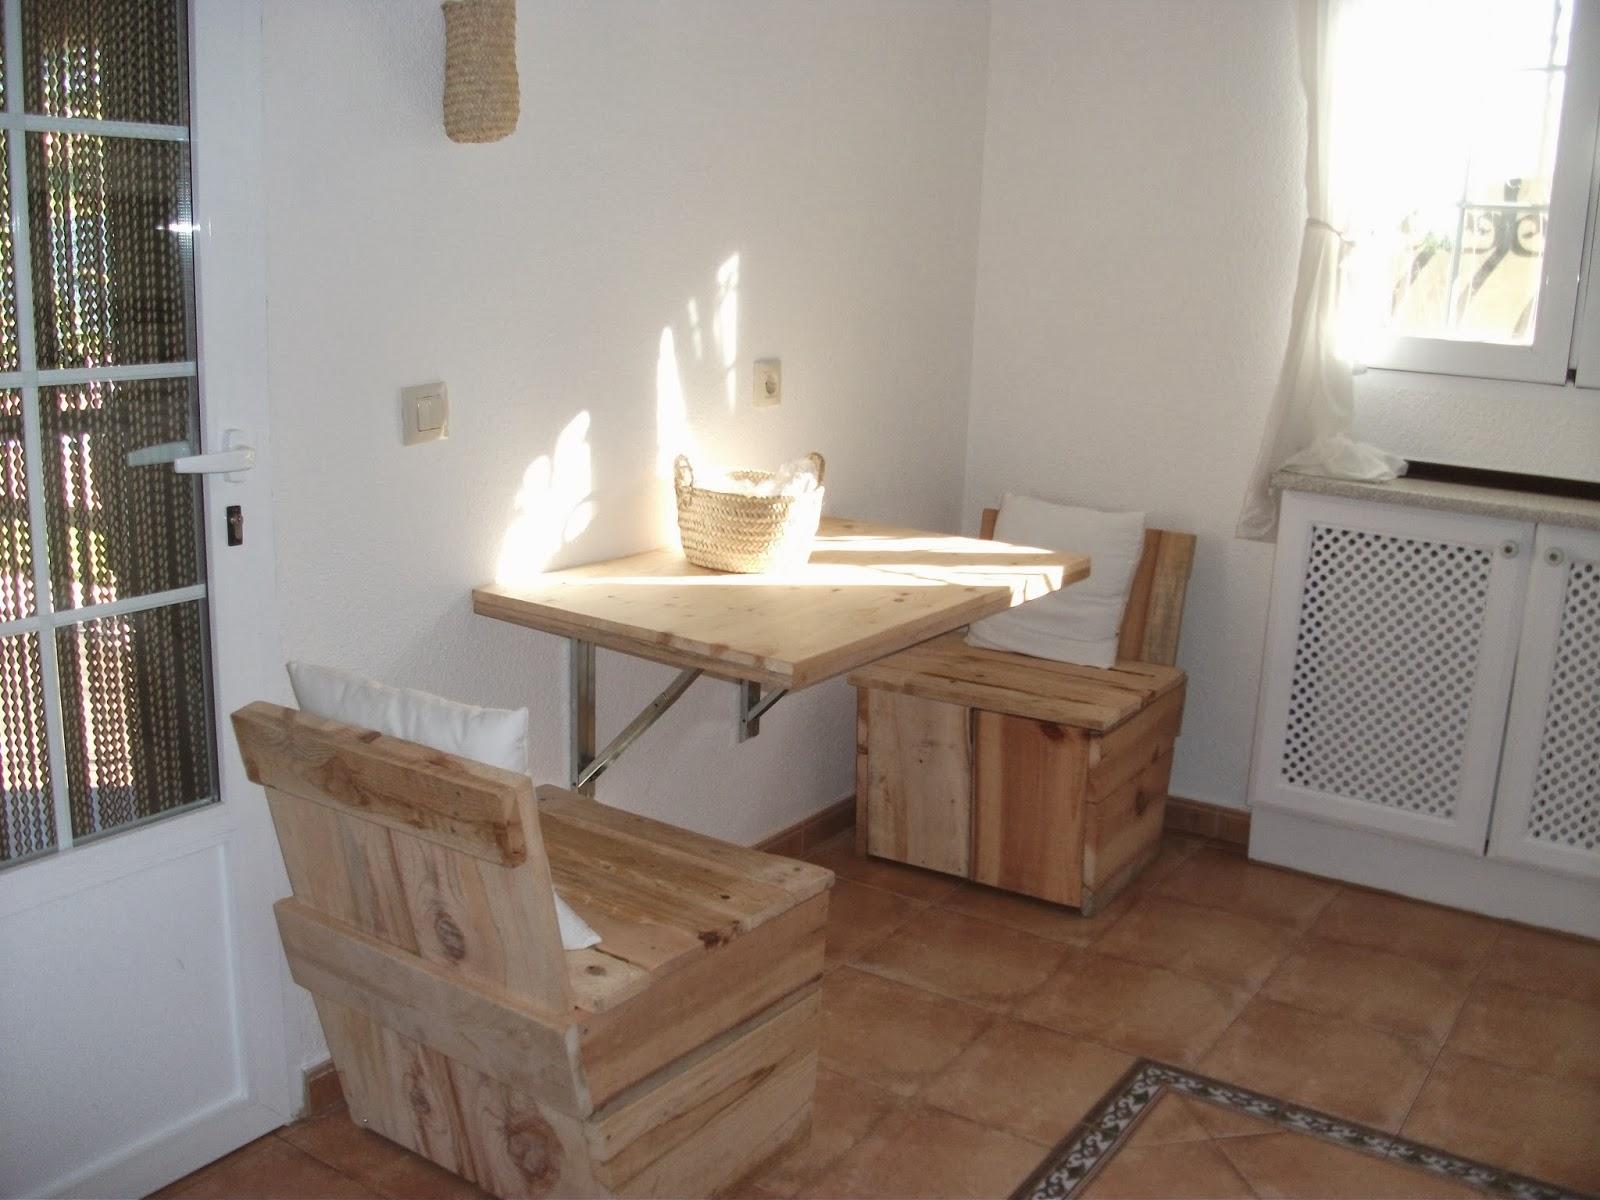 Renovarte con palets - Cuanto cuesta un palet de madera ...